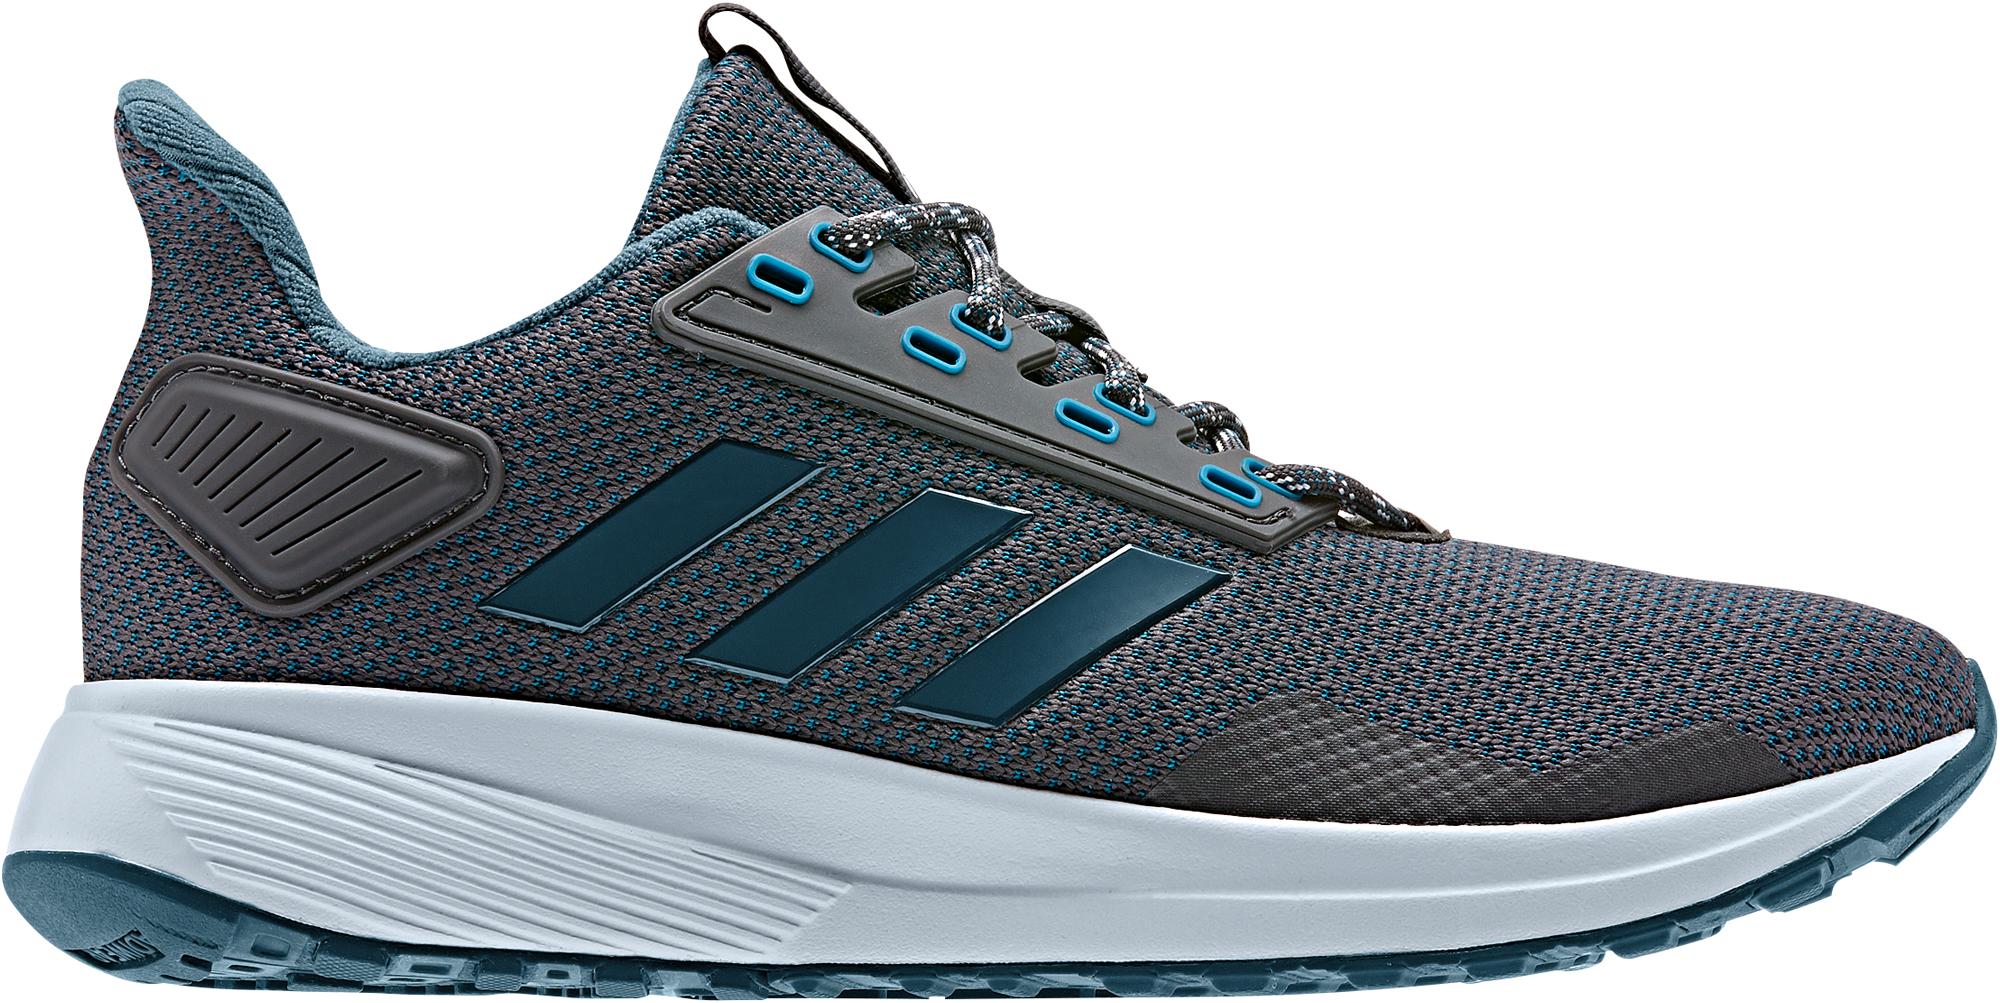 Adidas Кроссовки женские Duramo, размер 38